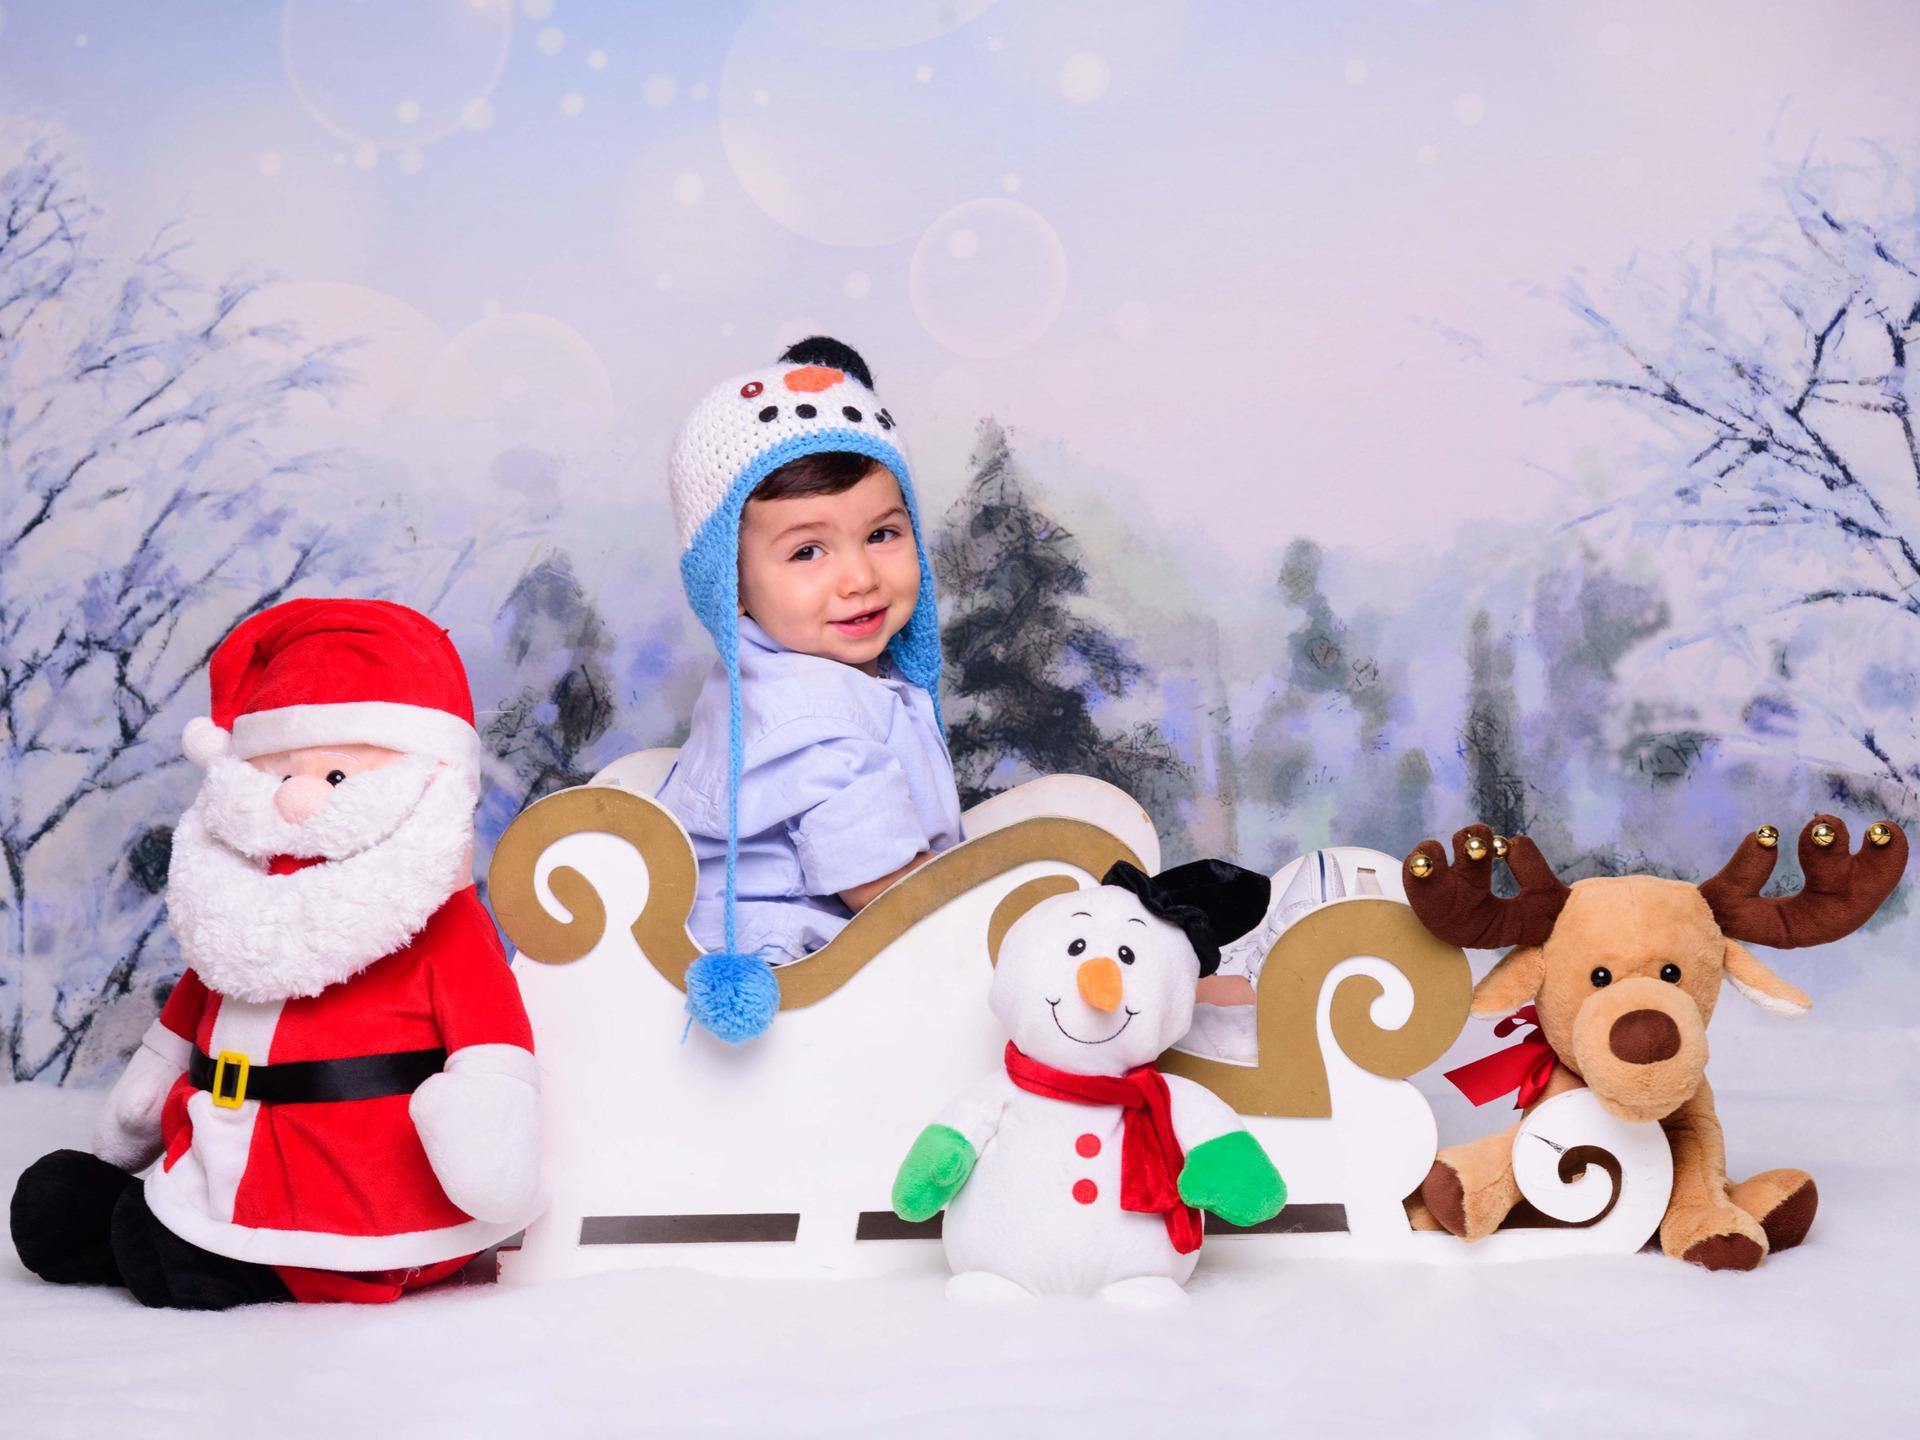 natal, papai noel, boneco de neve, trenó, sessão de fotos natal, ensaio natalino para bebê, foto com o papai noel, noite de natal, neve, fotos em família, presente de natal, meu primeiro natal